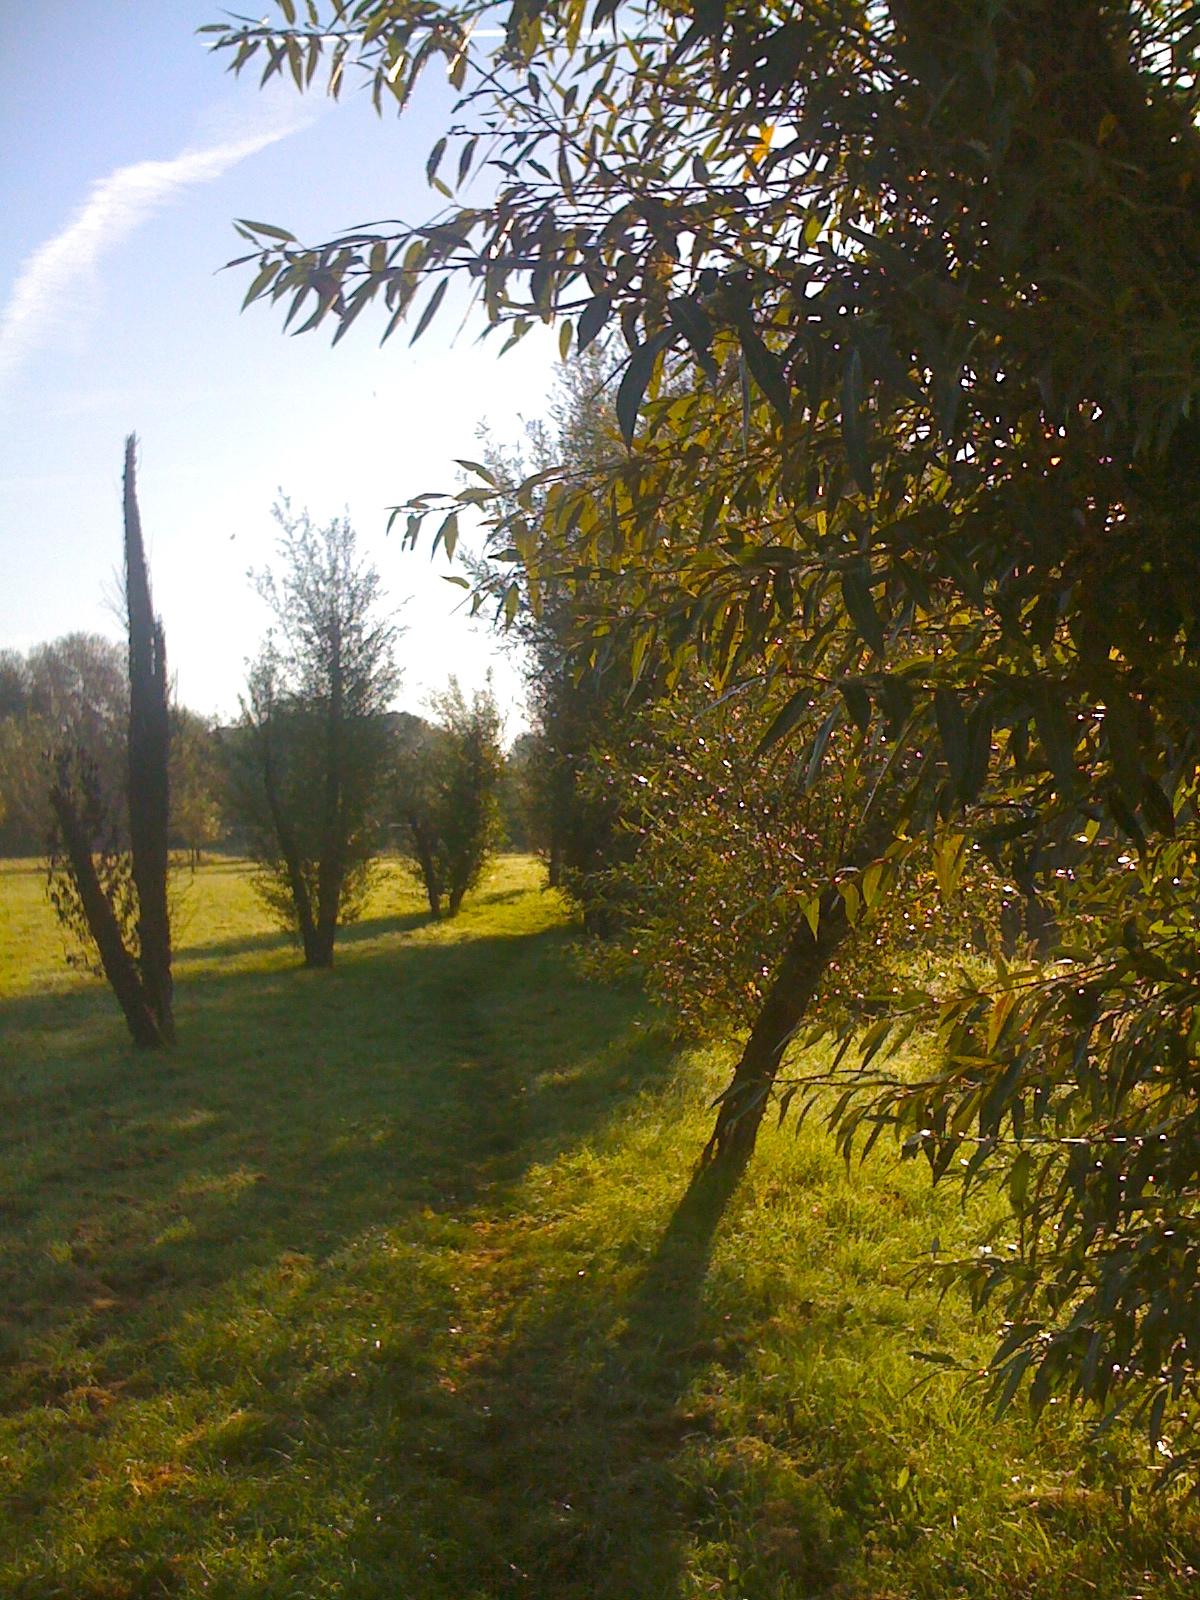 File:Topiary Garden Boizenburg Marcel Kalberer.jpg - Wikimedia Commons